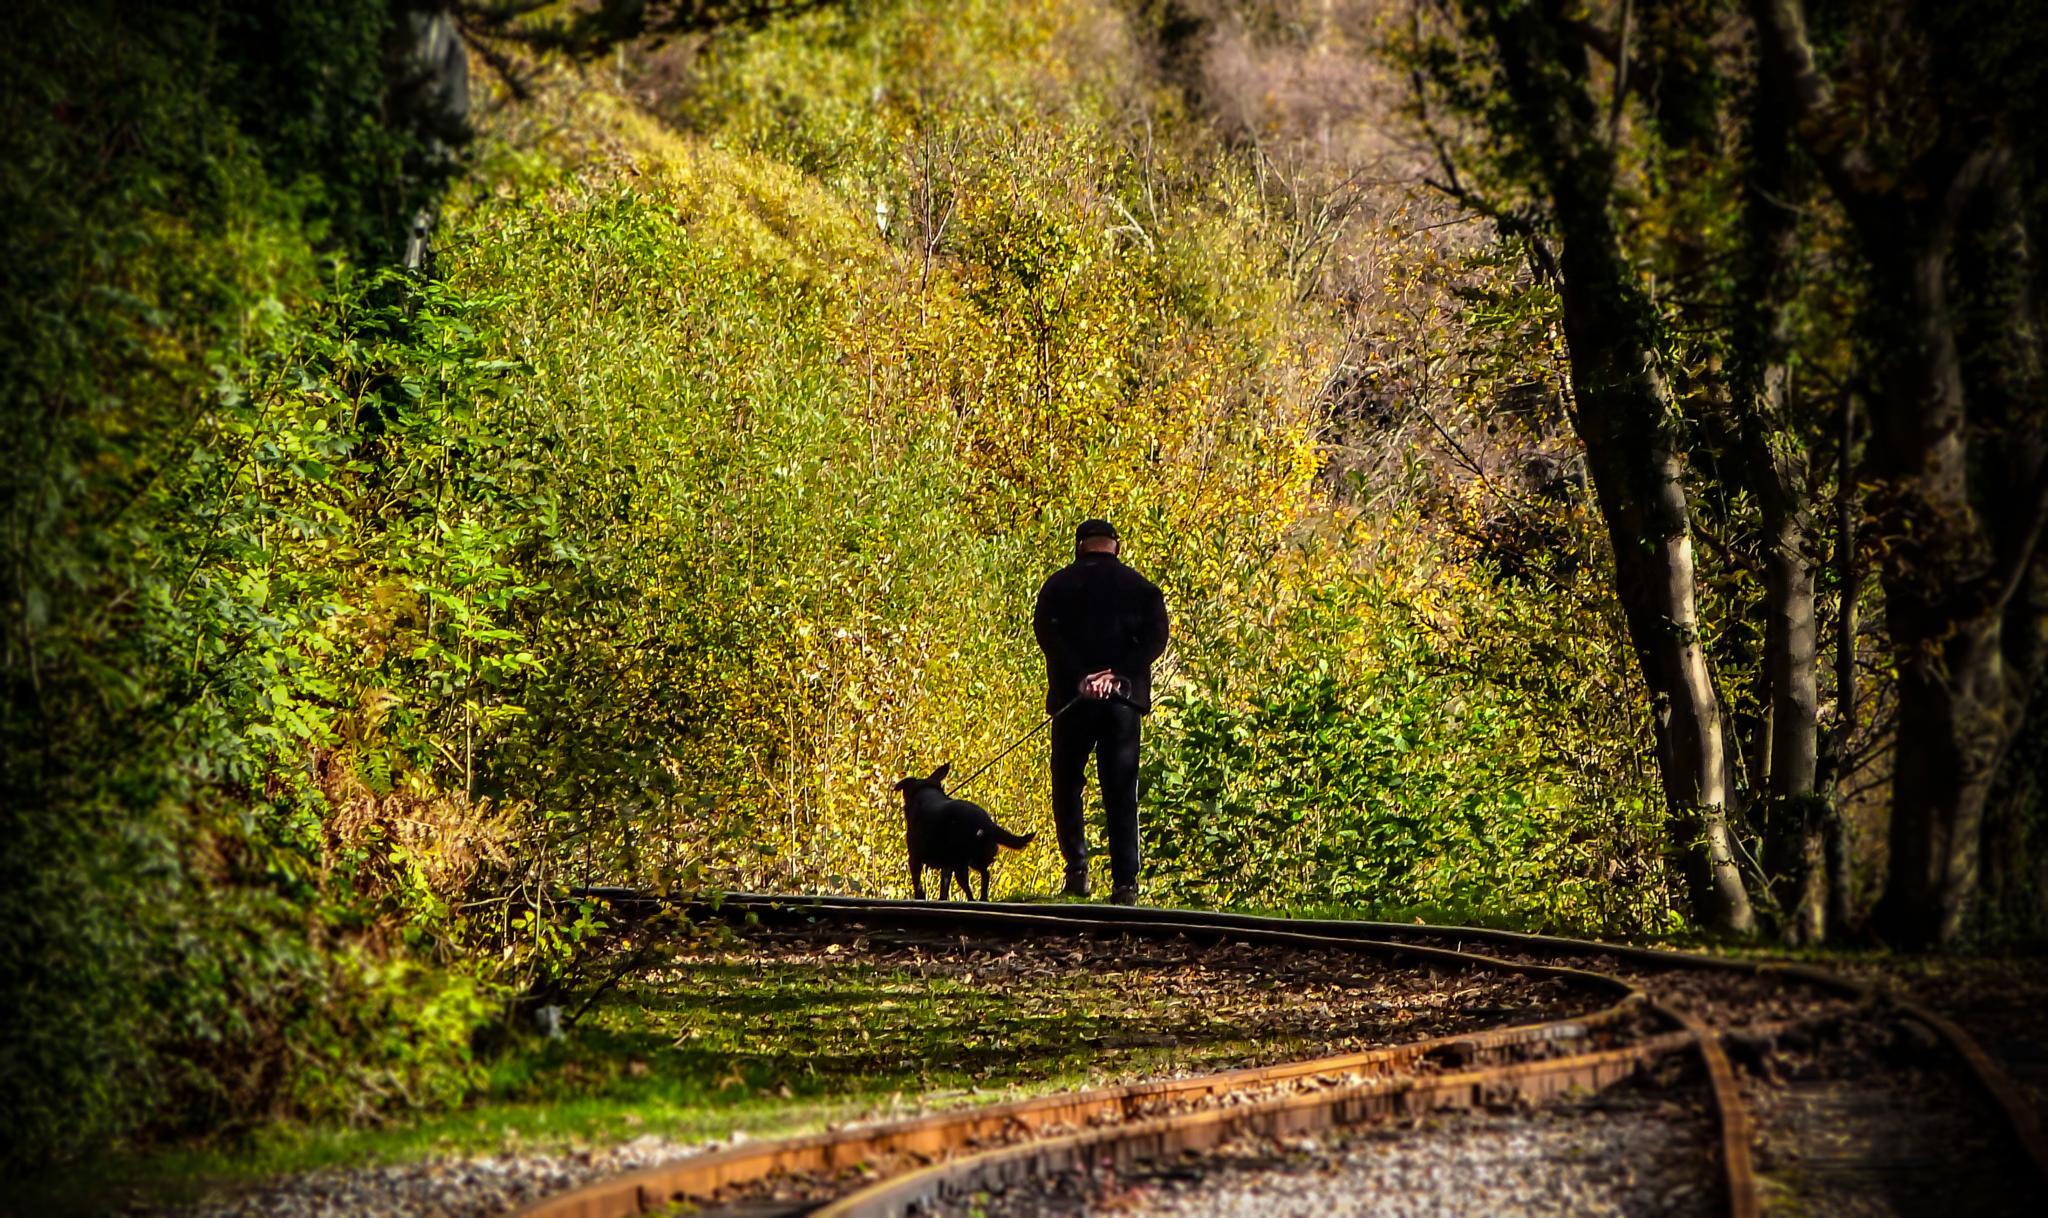 Walking the dog  by ILoveThatPhoto.co.uk